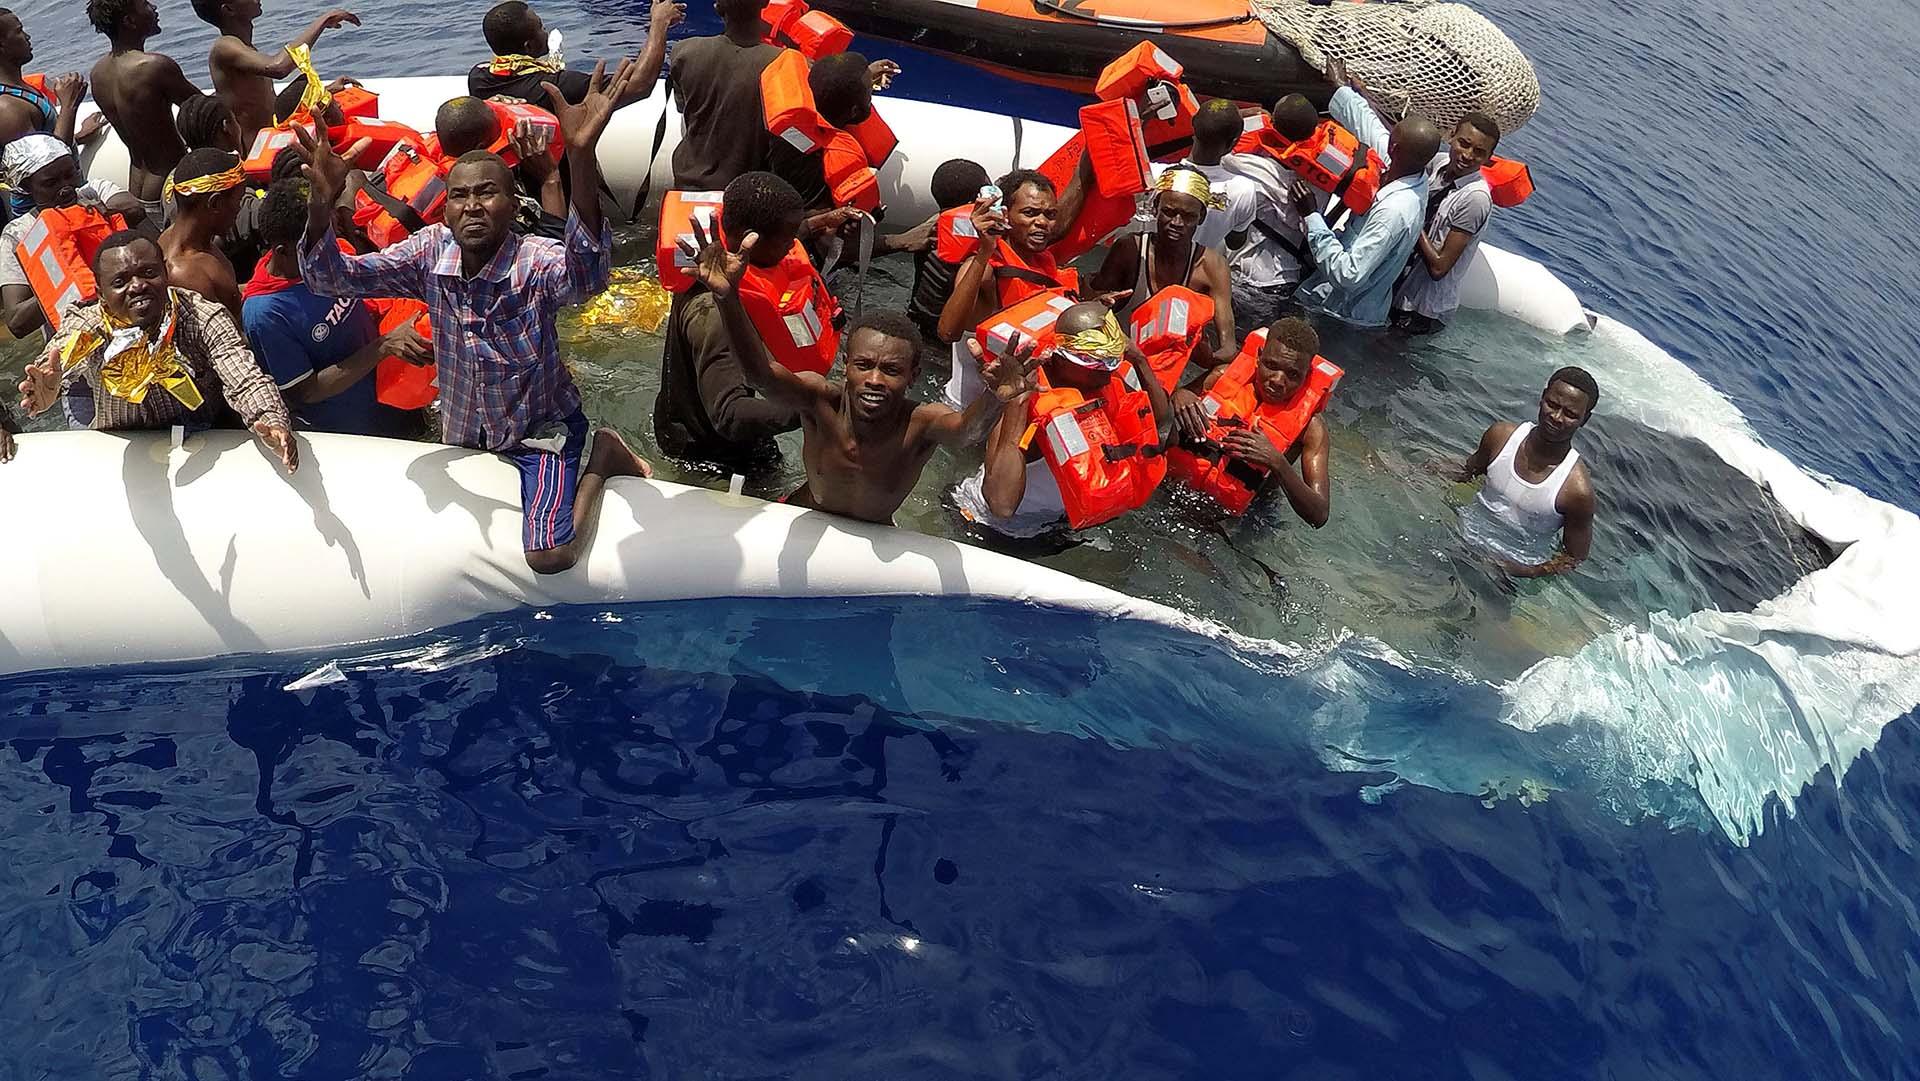 """Migrantes en un bote dañado son rescatados por el equipo de la ONG """"Save the Children"""" en el mar Mediterráneo frente a la costa de Libia"""